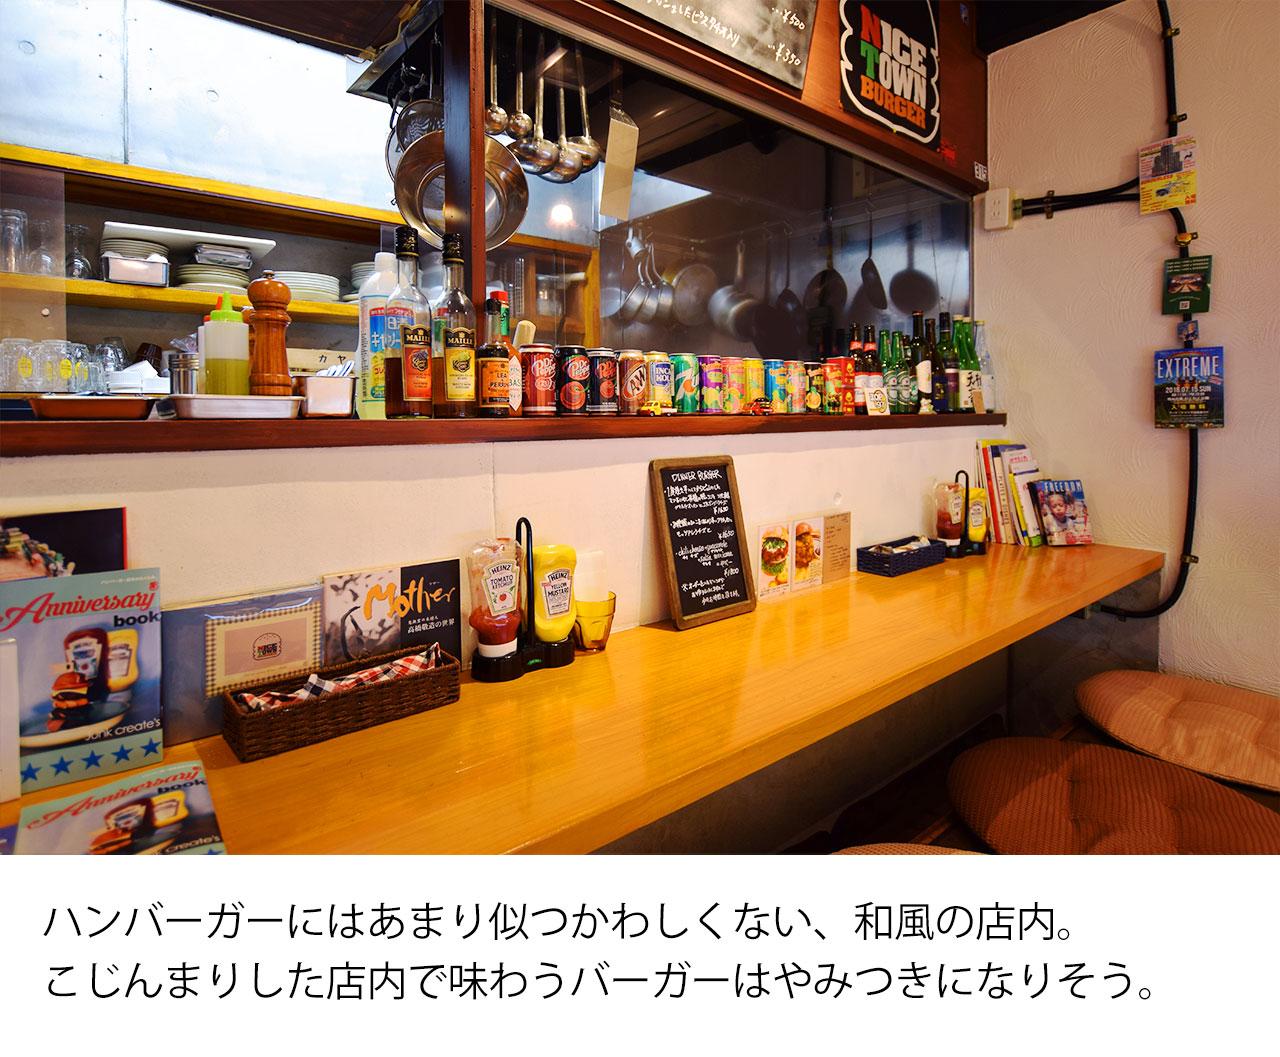 ハンバーガーにはあまり似つかわしくない、和風の店内。こじんまりした店内で味わうバーガーはやみつきになりそう。